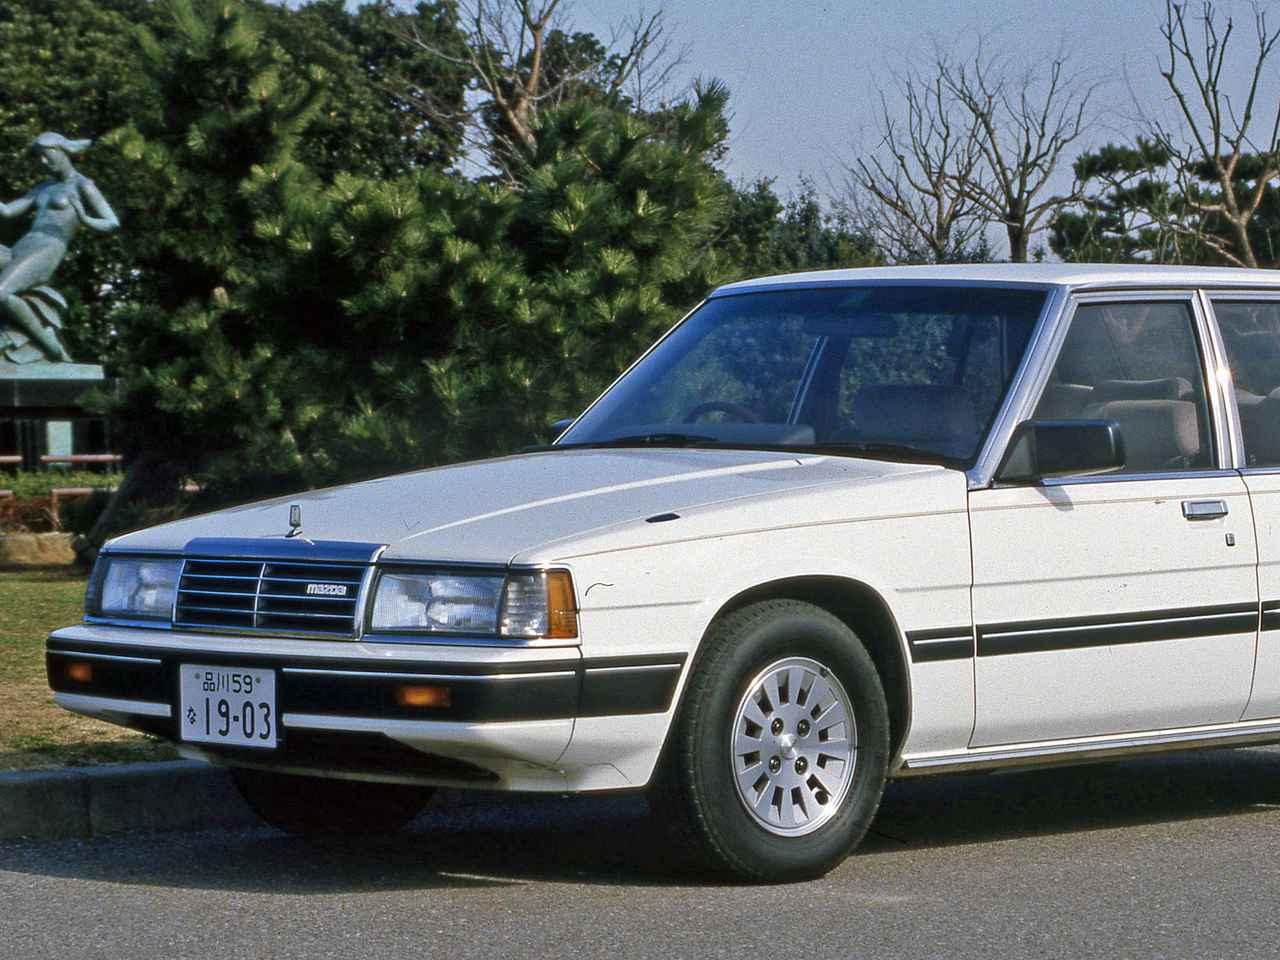 【昭和の名車 140】4代目 マツダ ルーチェはロータリーも搭載した注目のラグジュアリーサルーン